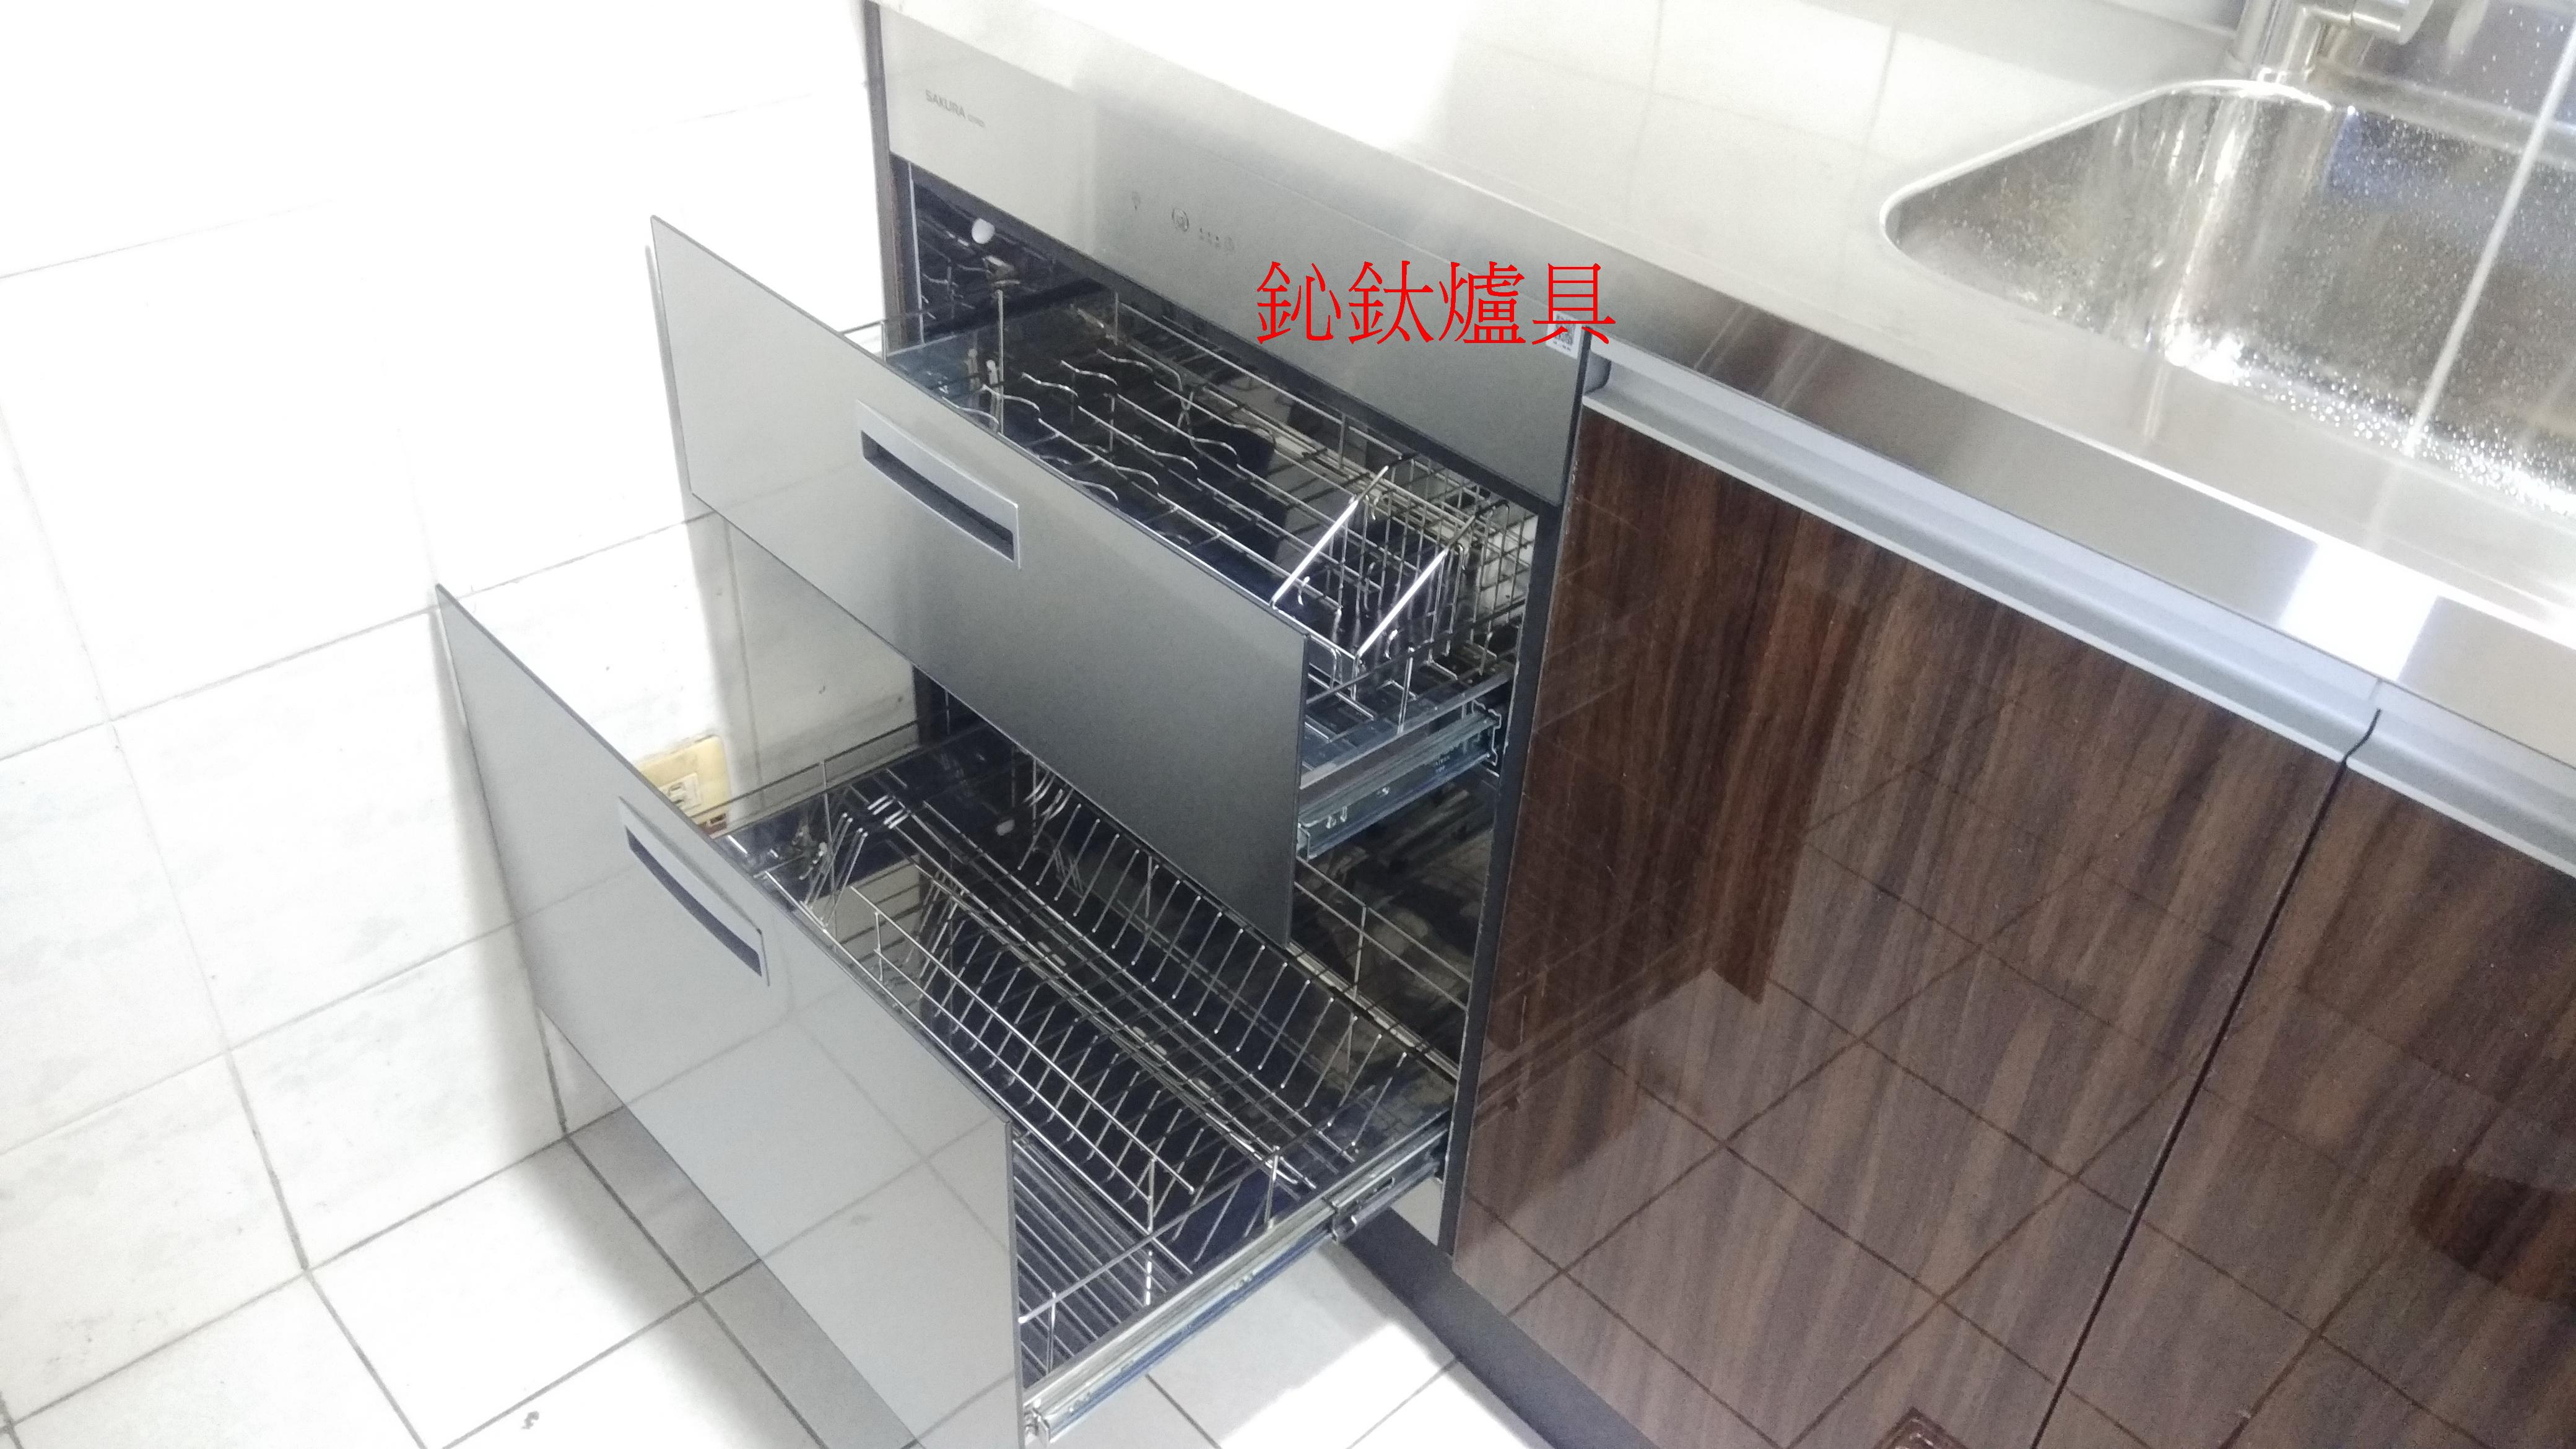 櫻花烘碗機Q7692全平面落地式烘碗機.jpg